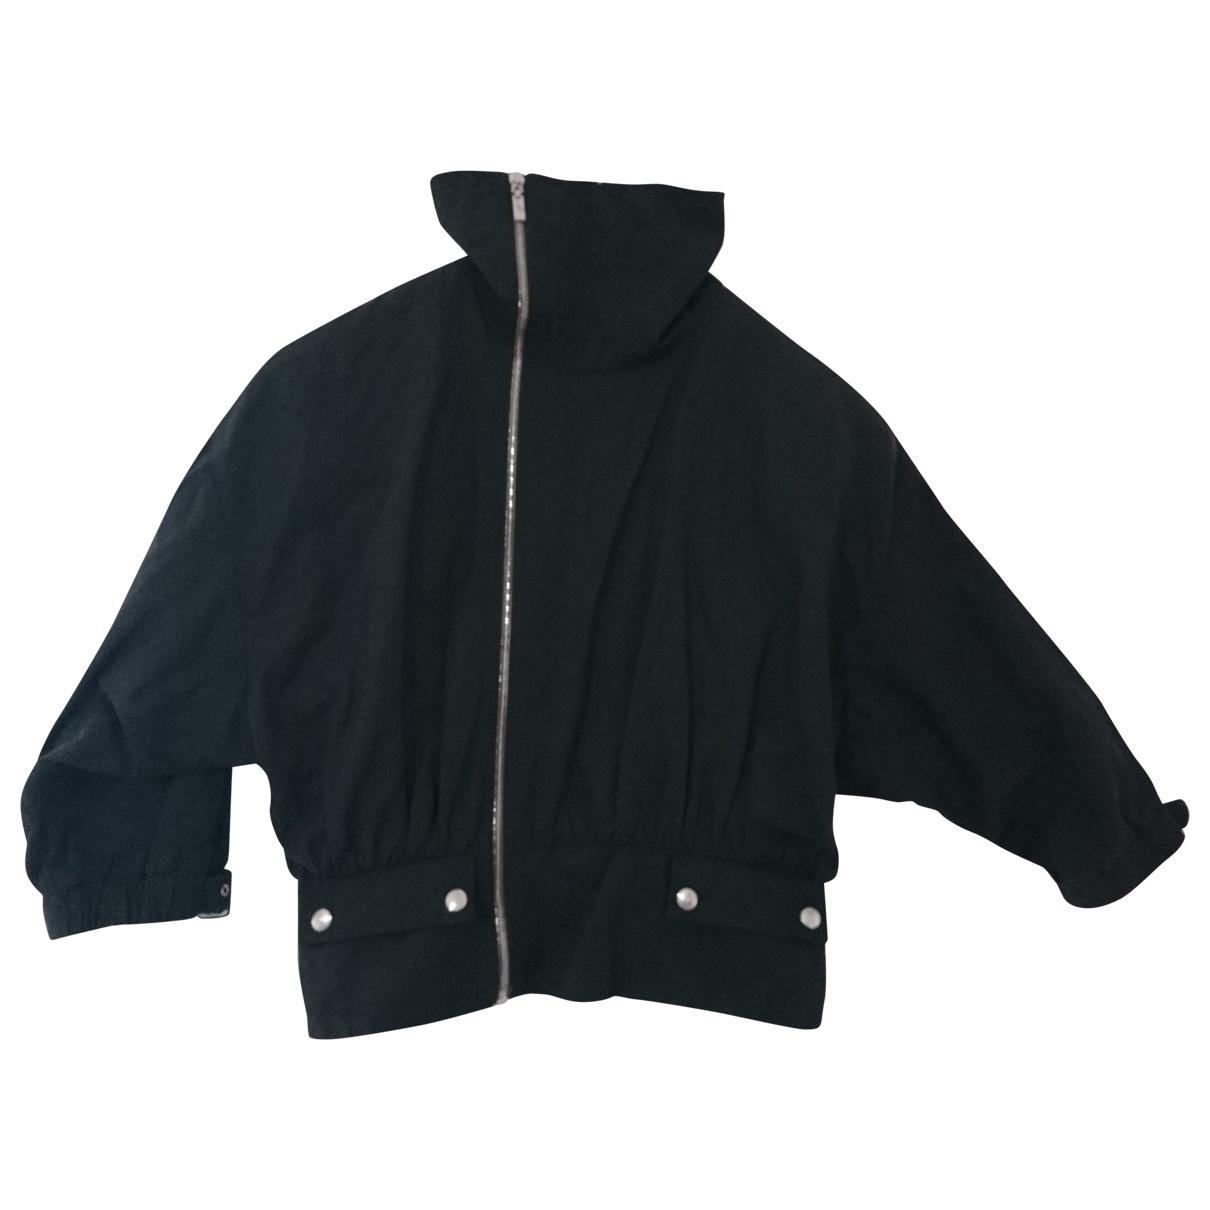 Trussardi Jeans \N Jacke in  Schwarz Baumwolle